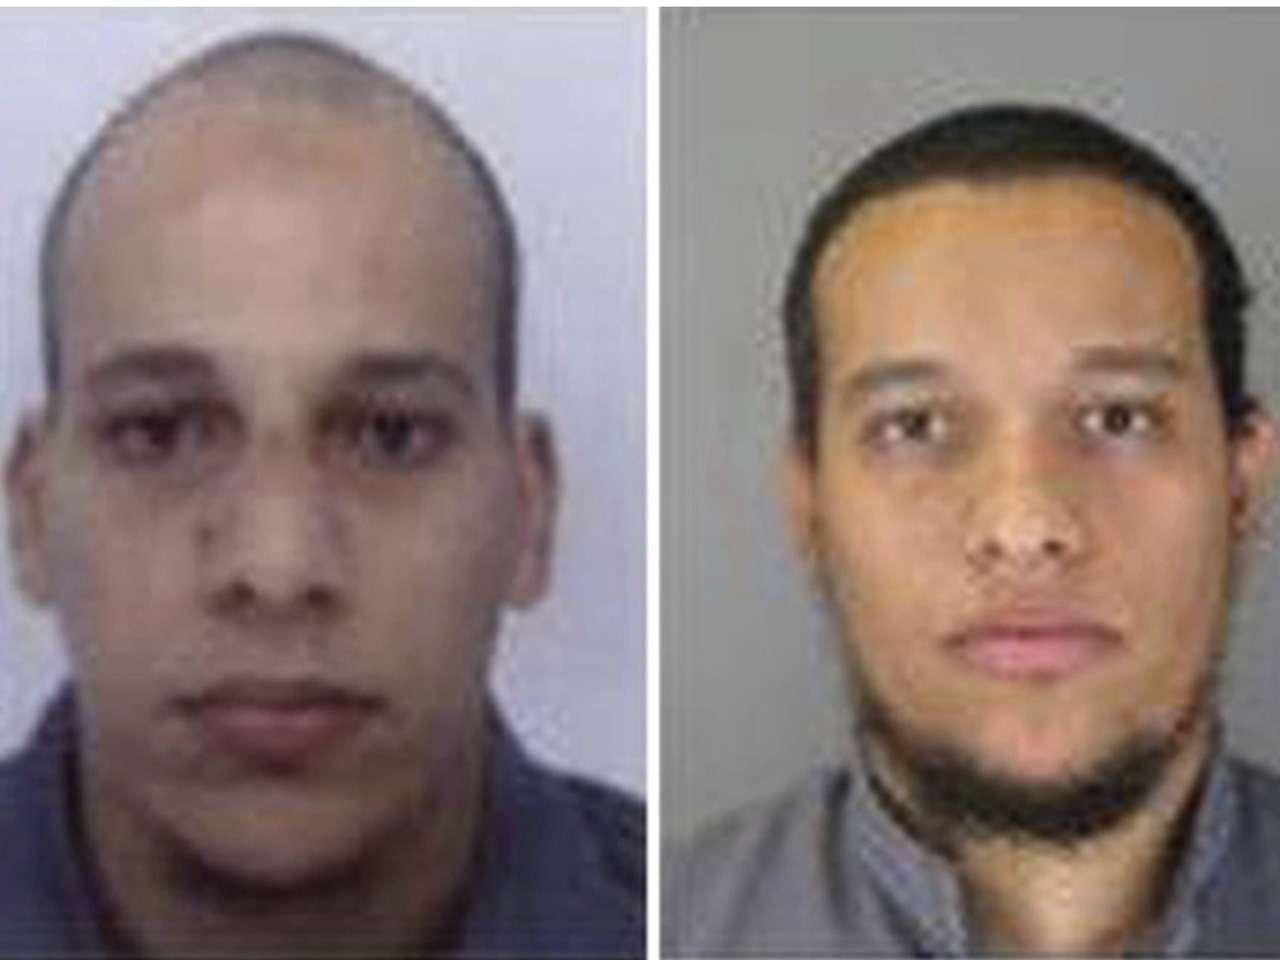 Los hermanos Kouachi muertos en el asalto a imprenta, según medios franceses Foto: EFE en español